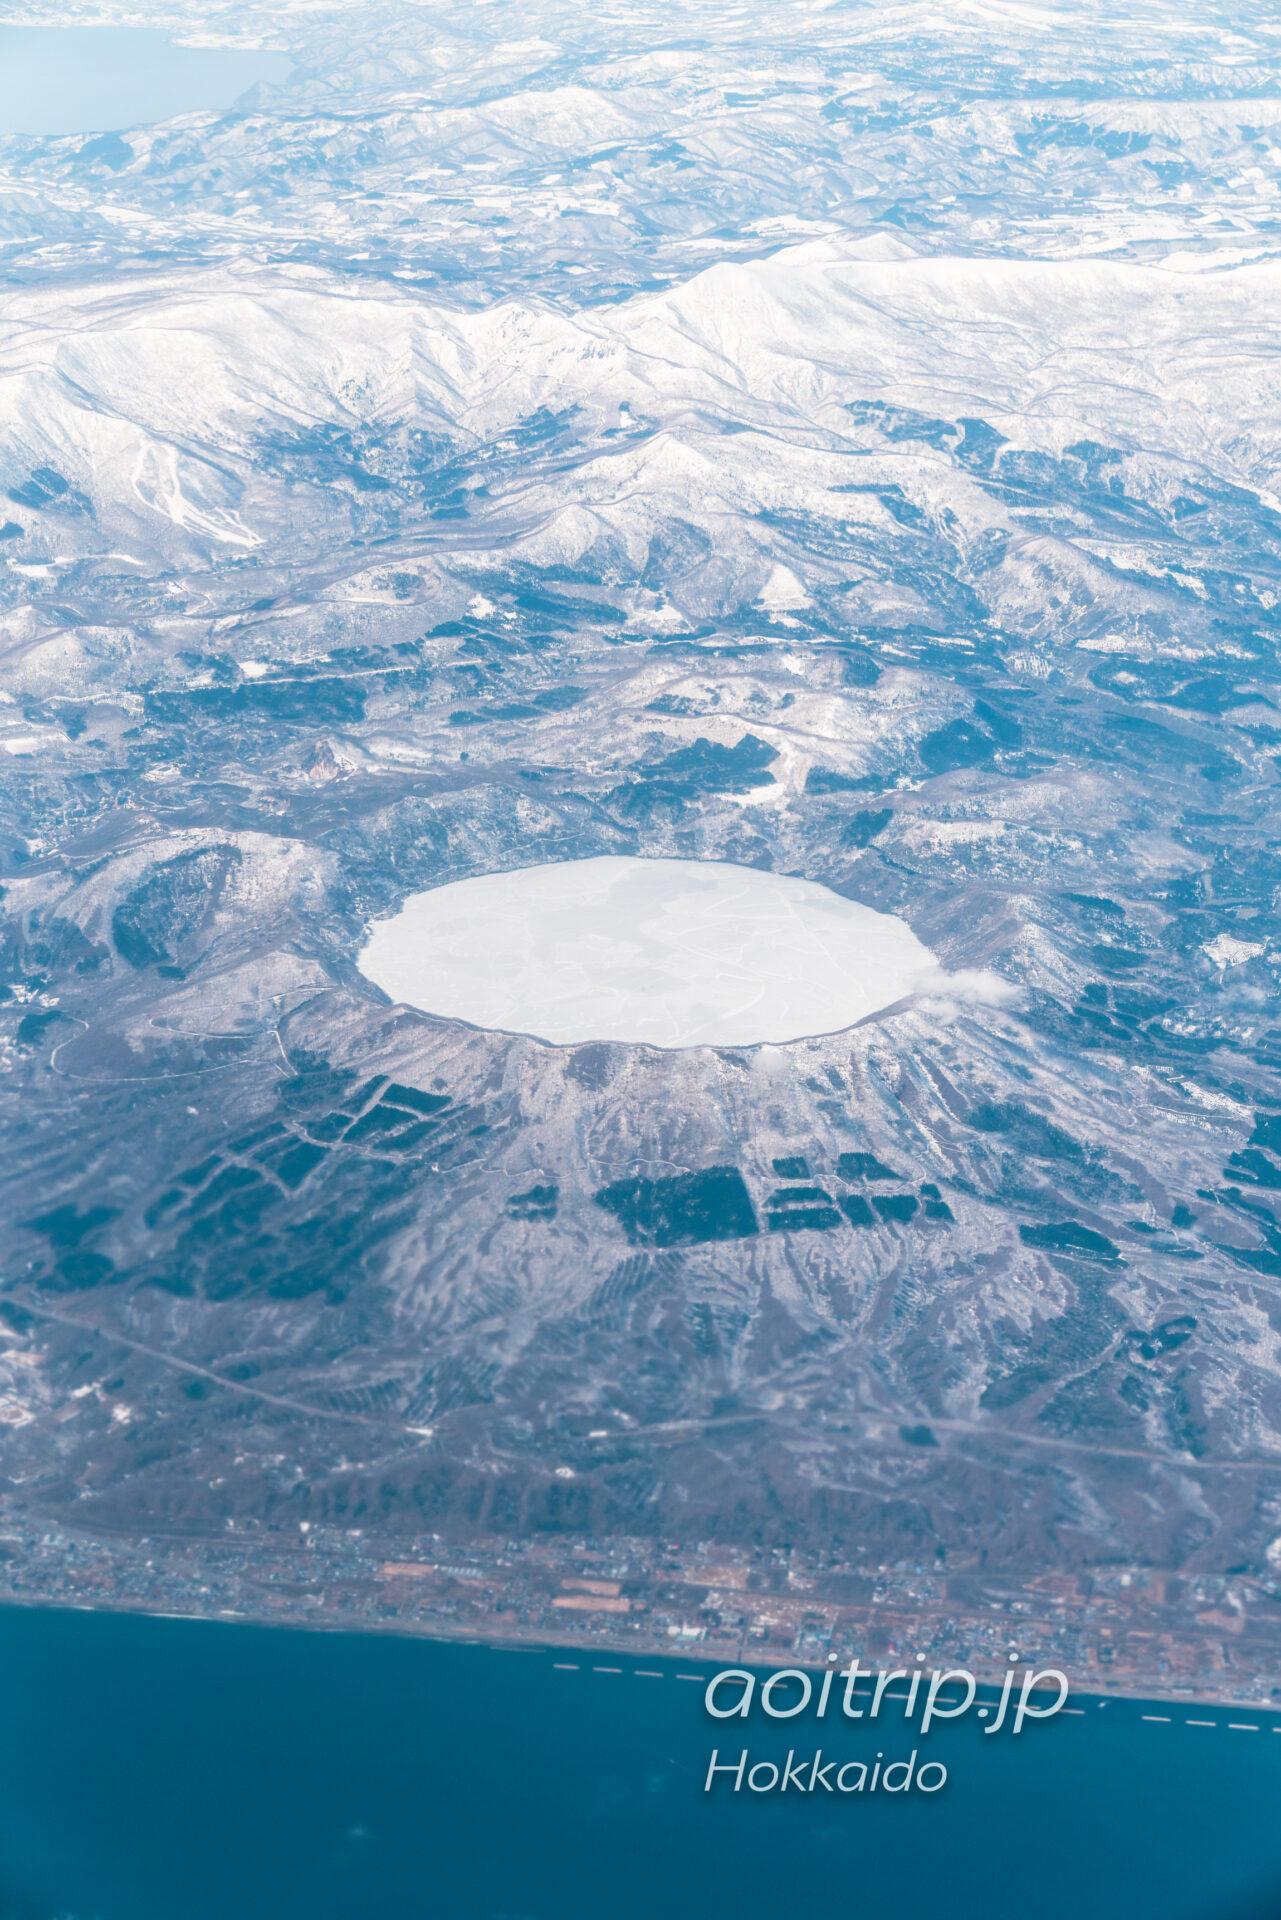 北海道の航空写真 飛行機の窓から 3月 支笏洞爺国立公園の眺望 倶多楽湖